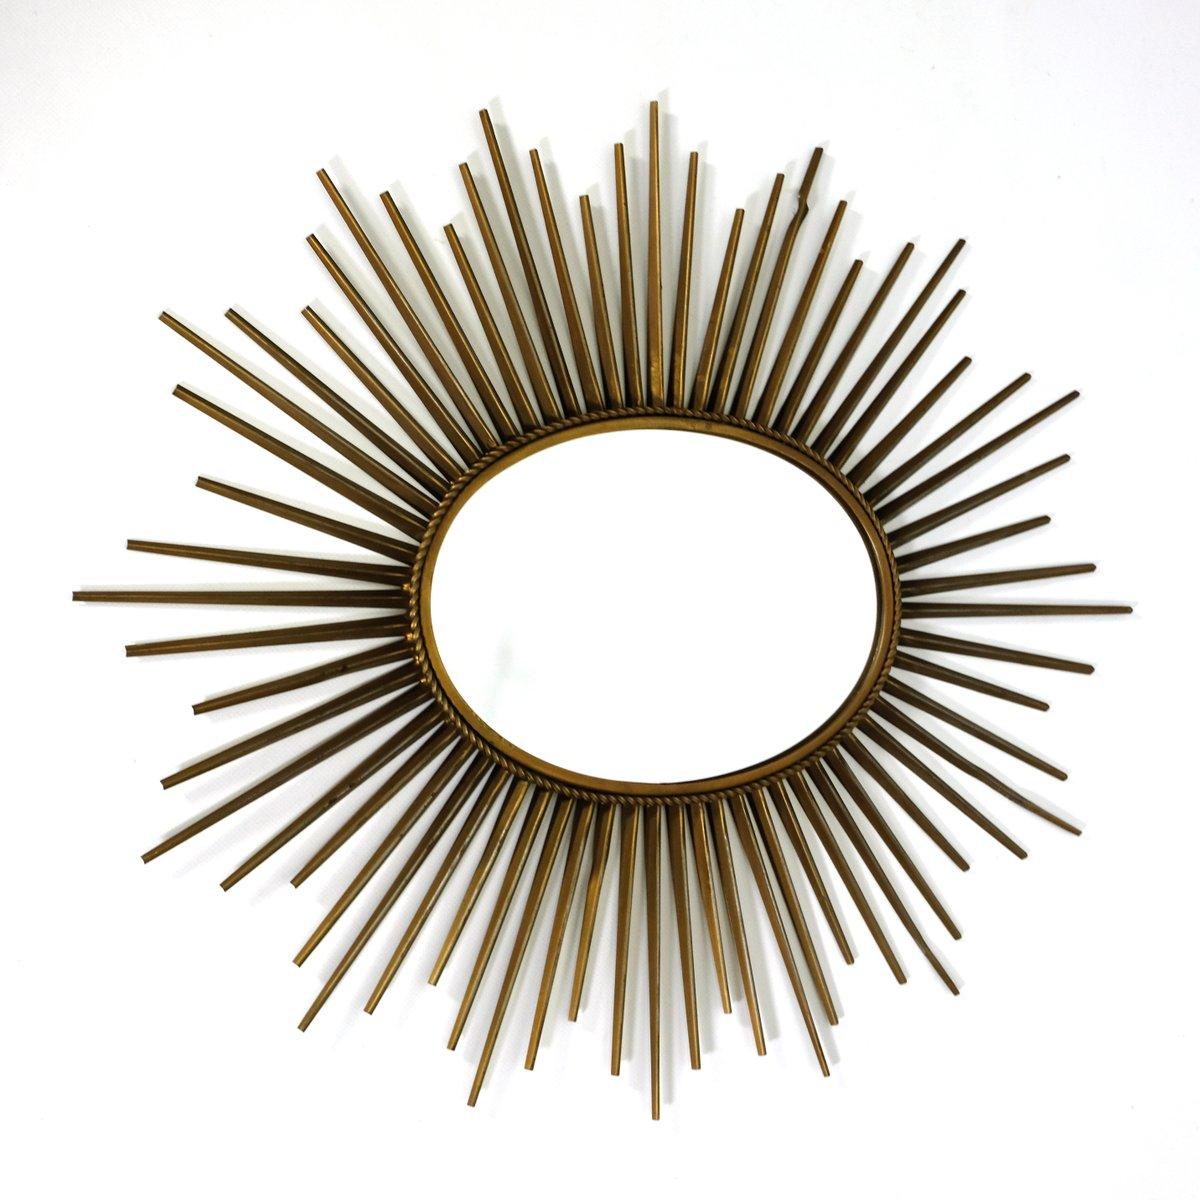 Specchio ovale vintage a forma di sole di chaty vallauris in vendita su pamono - Specchio a forma di sole ...